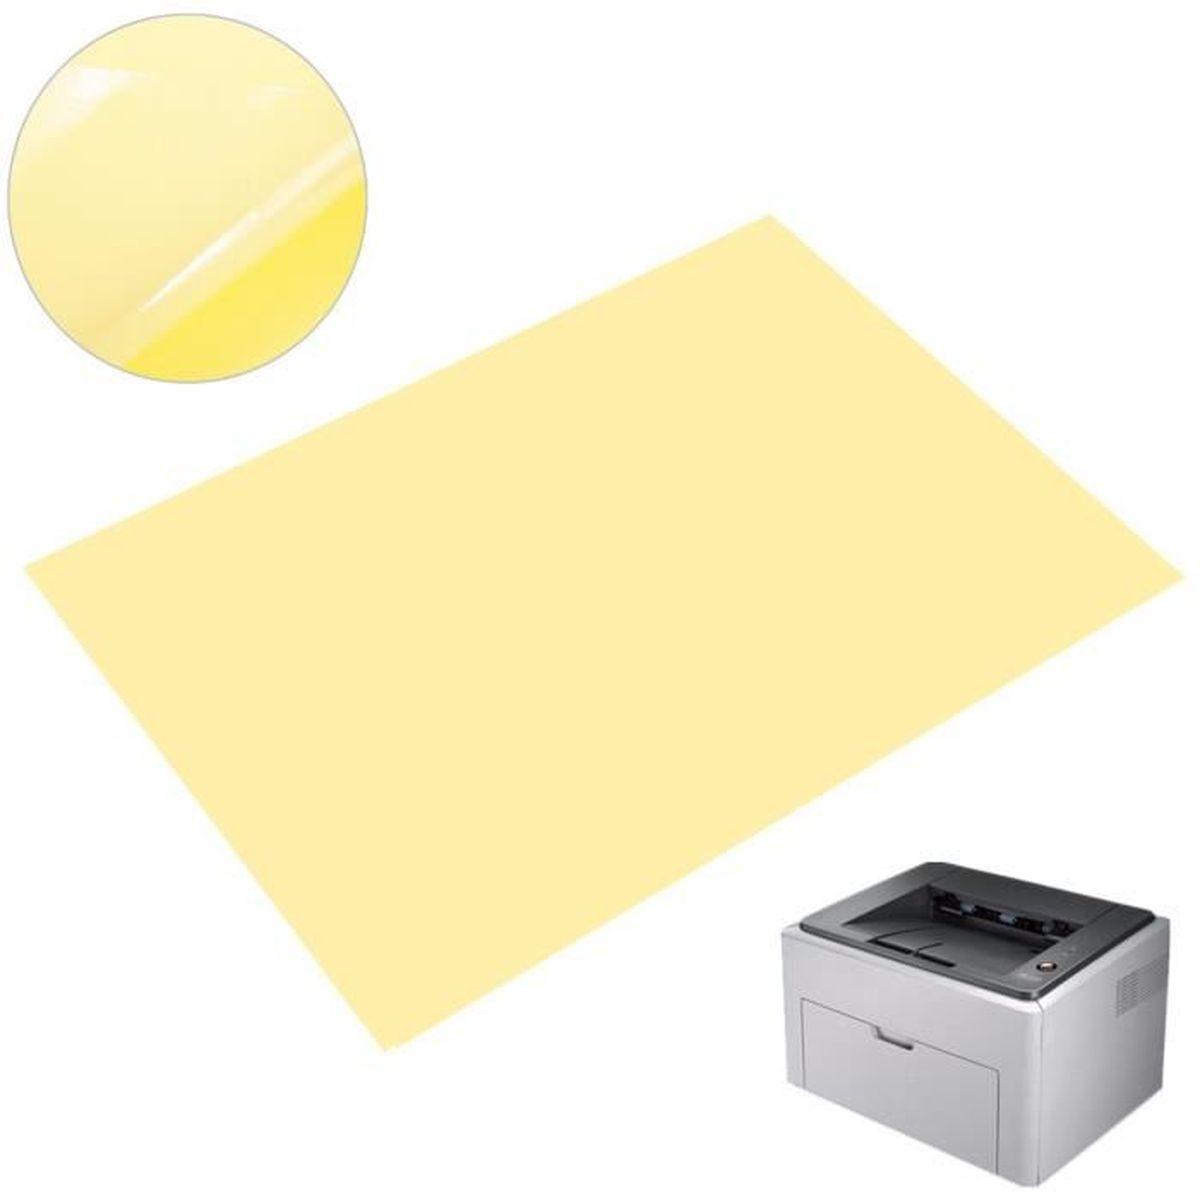 a1acaa45b9c32b PAPIER IMPRIMANTE Pr laser A4 Imprimante Papier autocollant Effacer